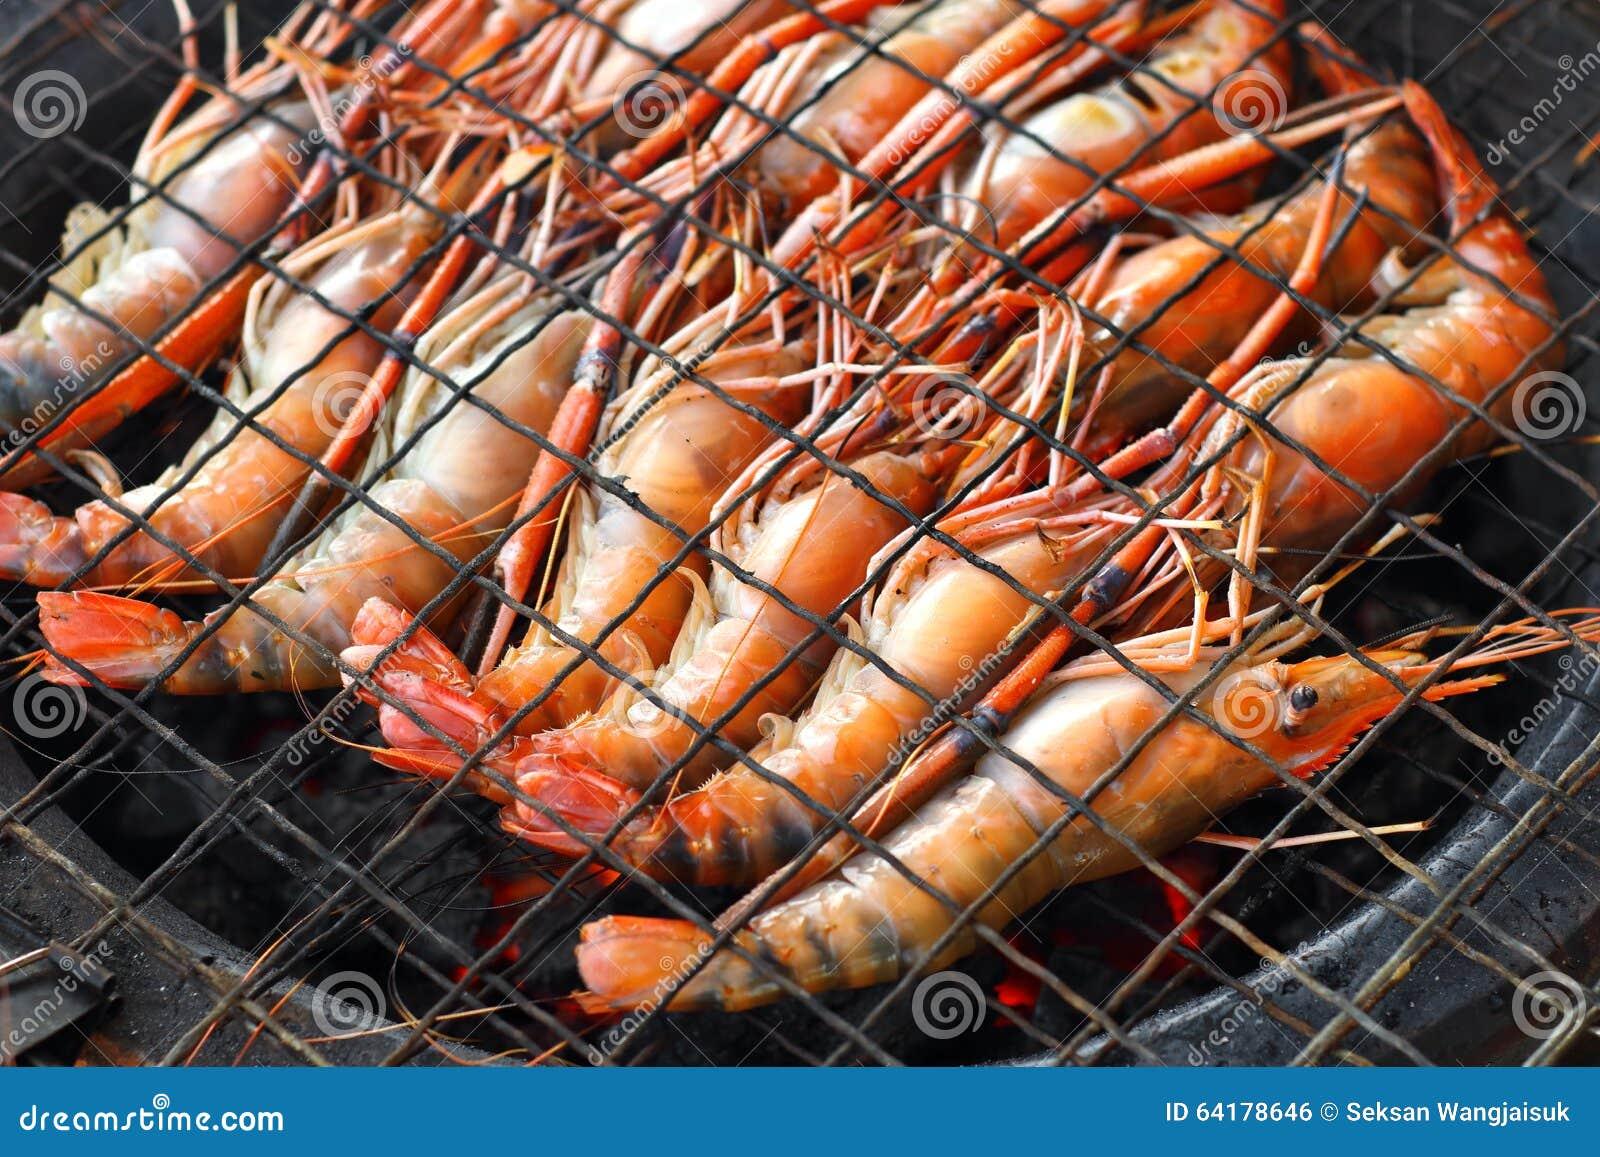 Барбекю с креветками купить электрокамин эльдорадо